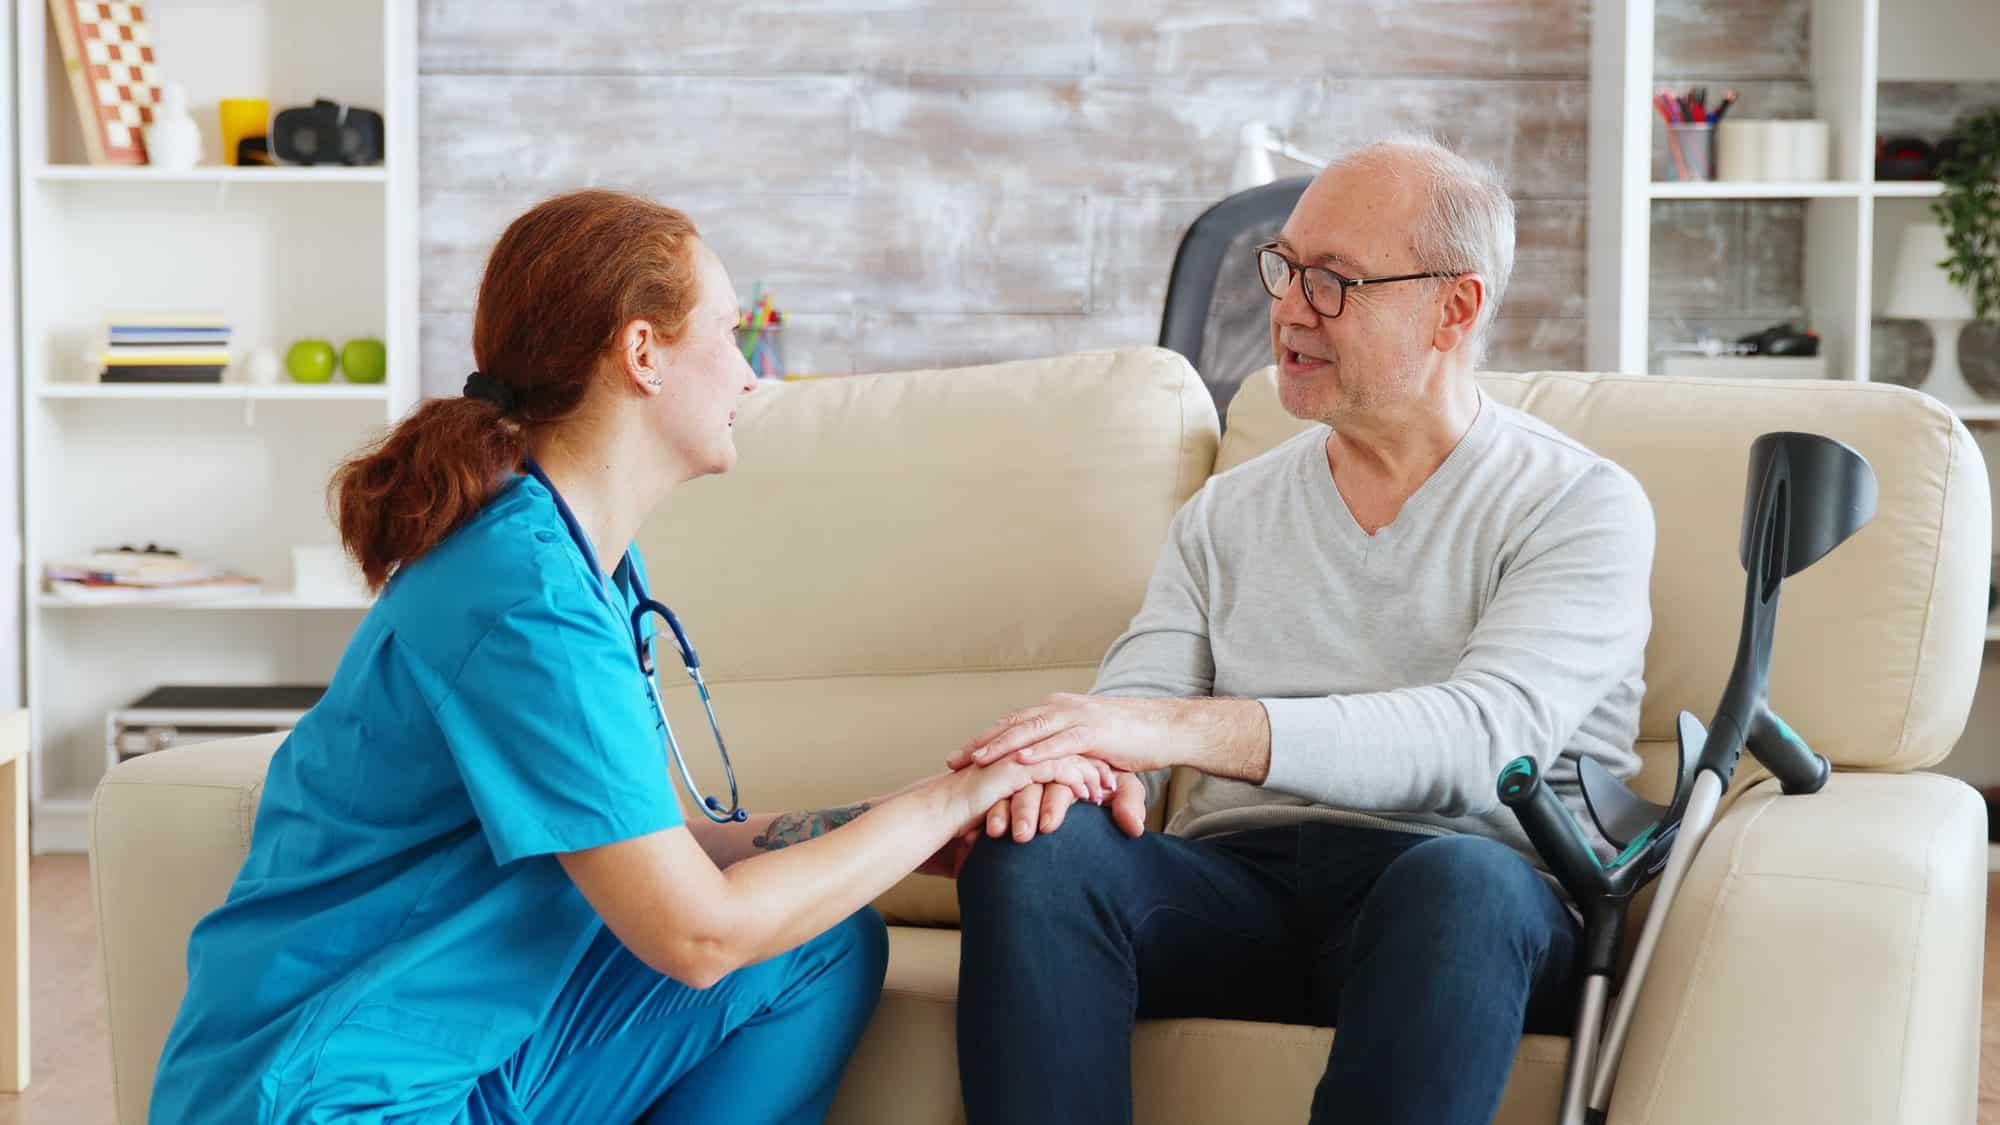 טבלת מסמכים נדרשים לנכות כללית ואי כושר לפי תחומי מחלה ואבחנות רפואיות